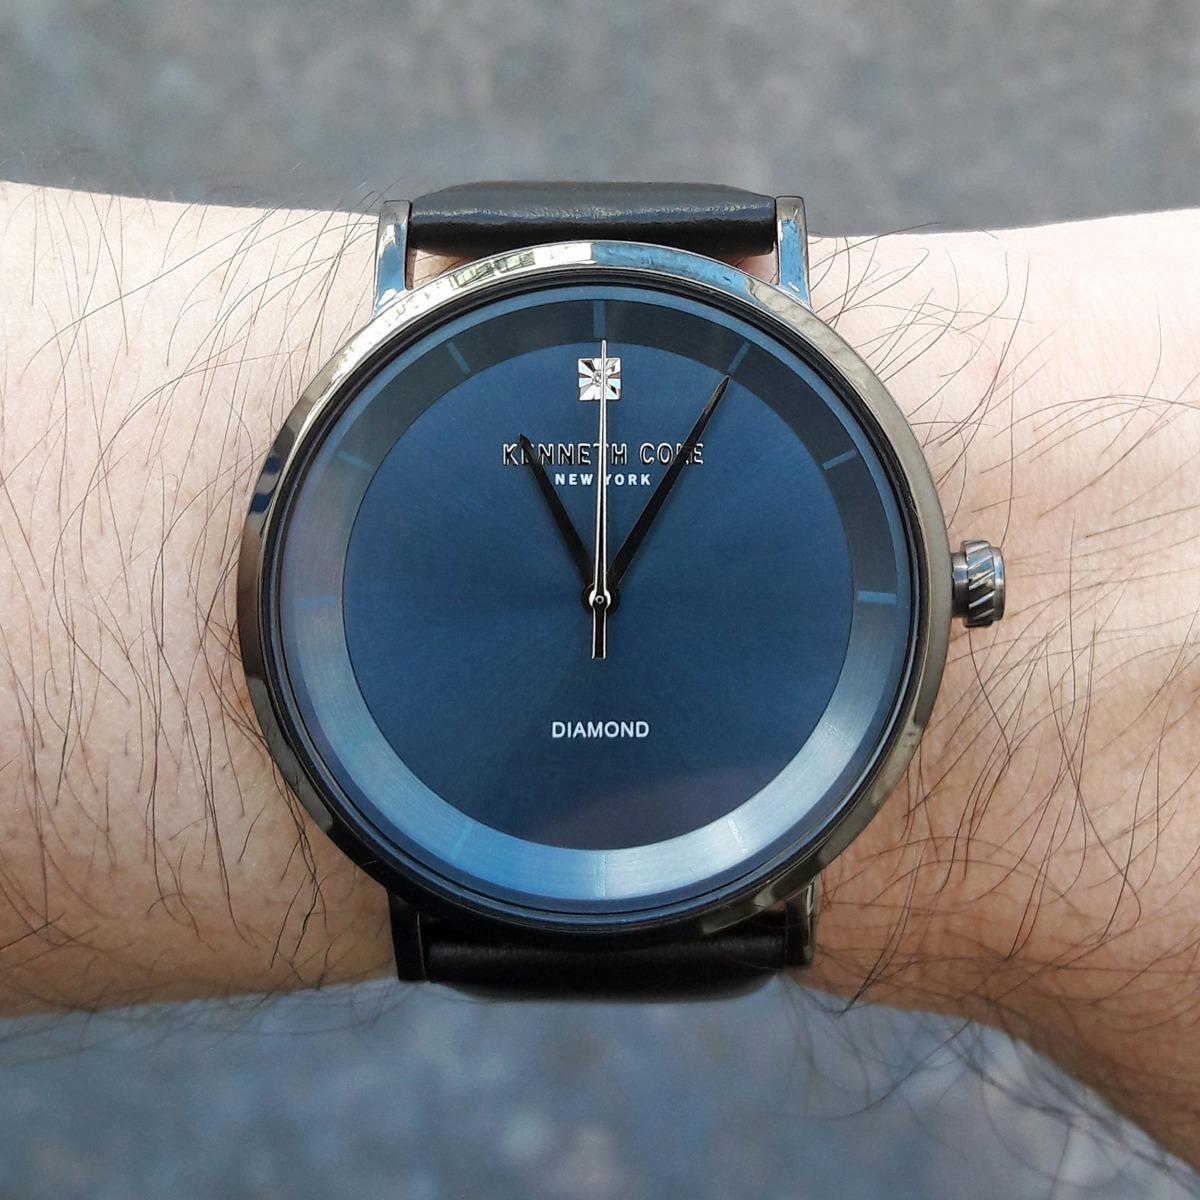 ecf3cd6c125 reloj kenneth cole cuarzo cuero genuino 100% original nuevo. Cargando zoom.